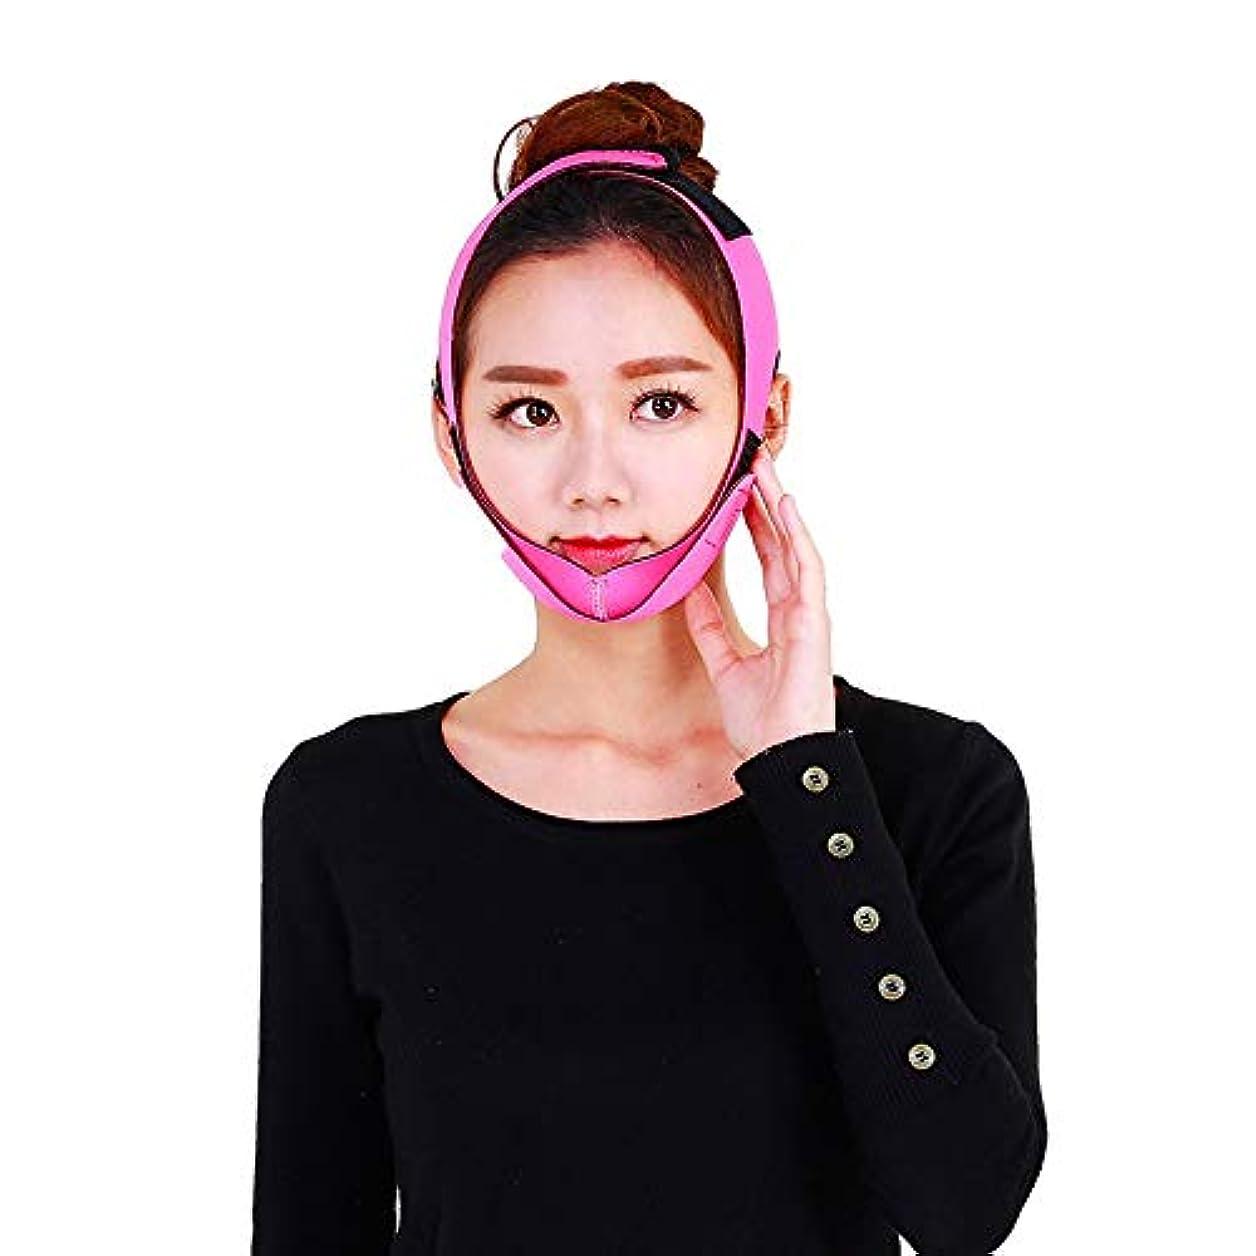 さまようつぶやき災難顔の持ち上がる痩身ベルト - 薄い顔包帯二重あごのデバイス無料の顔のマッサージ整形マスクが顔と首を締めます